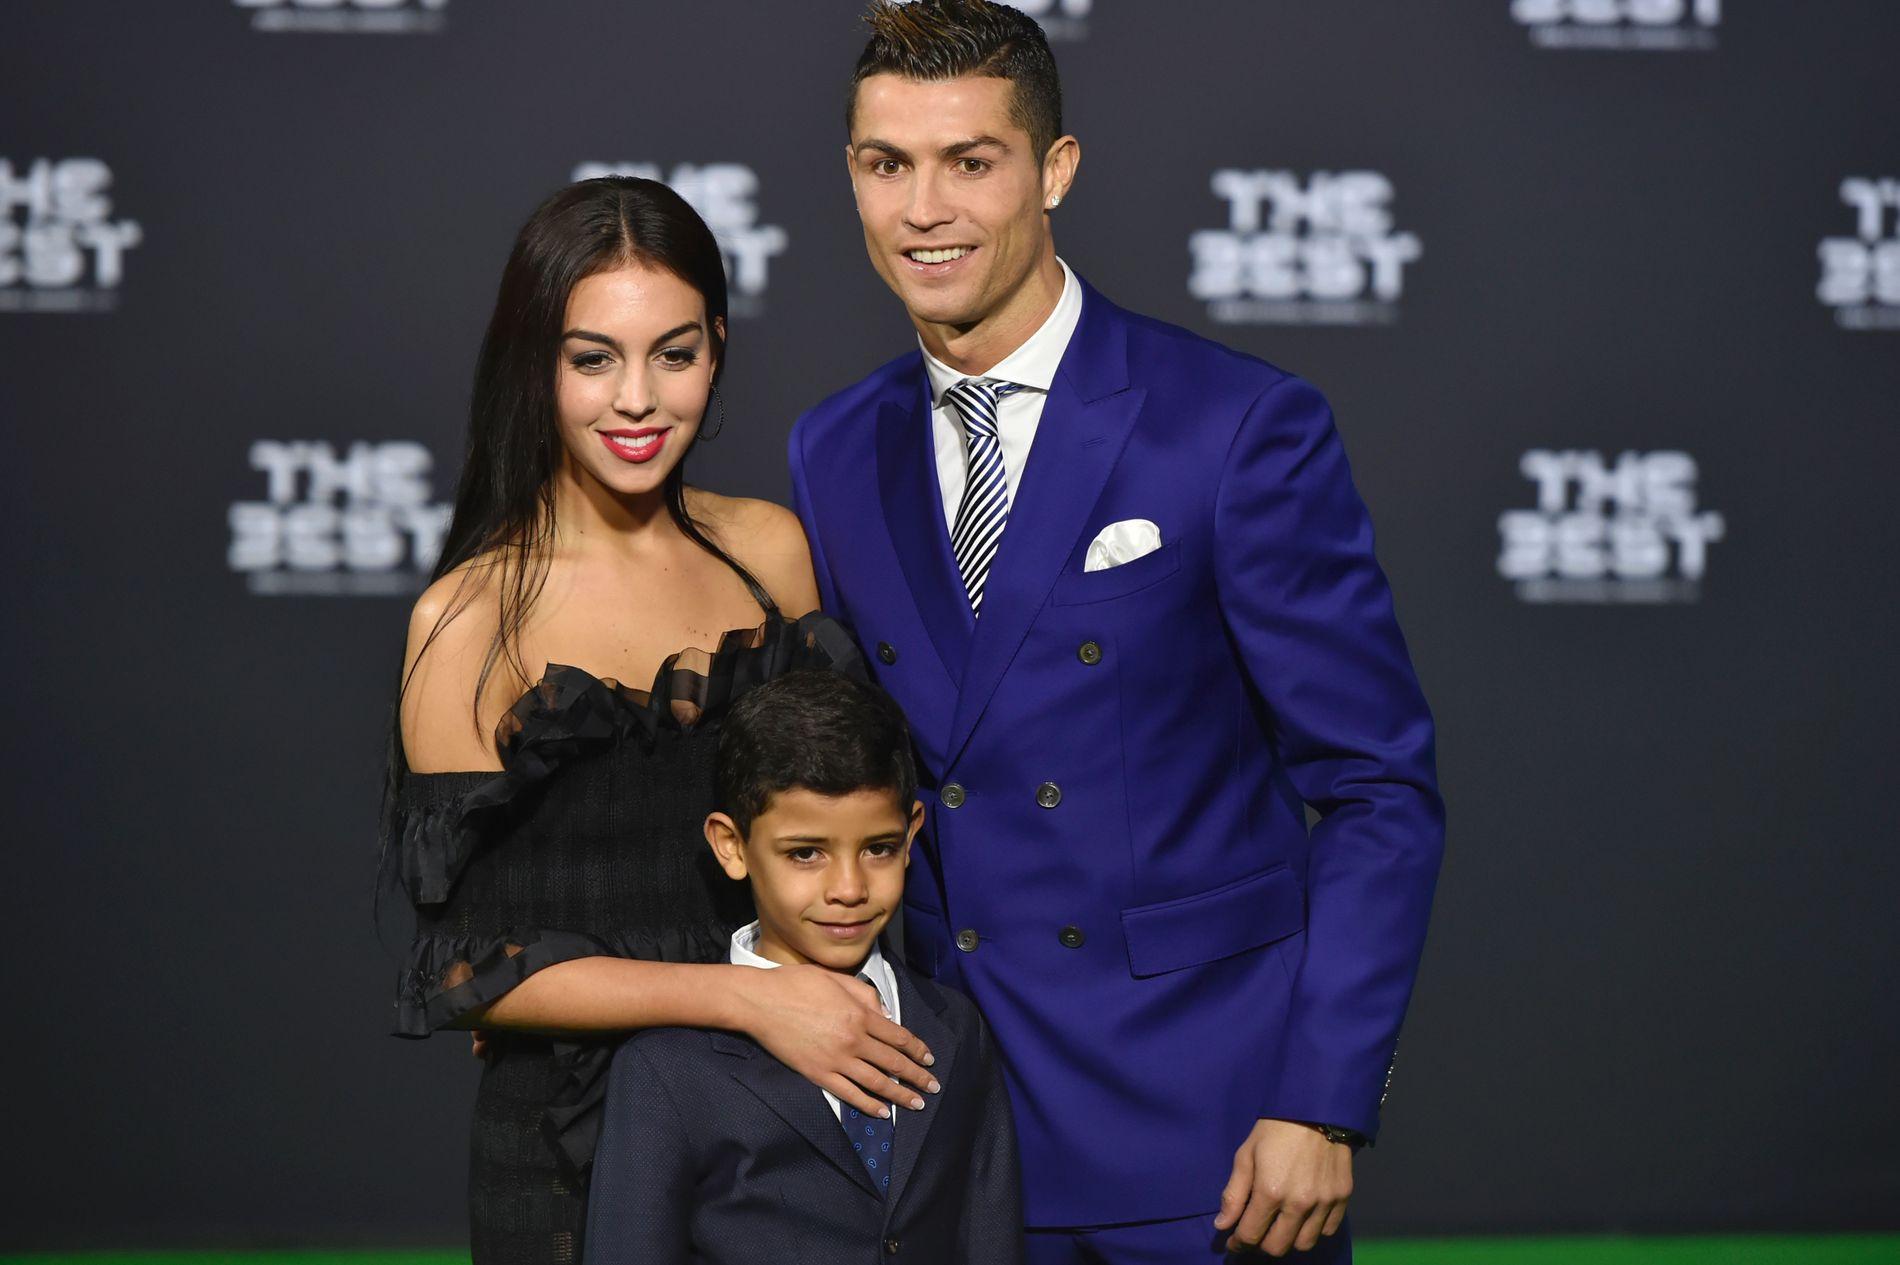 TREBARNSPAPPA: Real Madrid-stjernen Cristiano Ronaldo er blitt pappa til tvillinger. Her er han sammen sønnen Cristiano Ronaldo jr. og kjæresten Georgina Rodriguez på en fotballgalla i januar i år. Kjæresten er ikke moren til tvillingene.